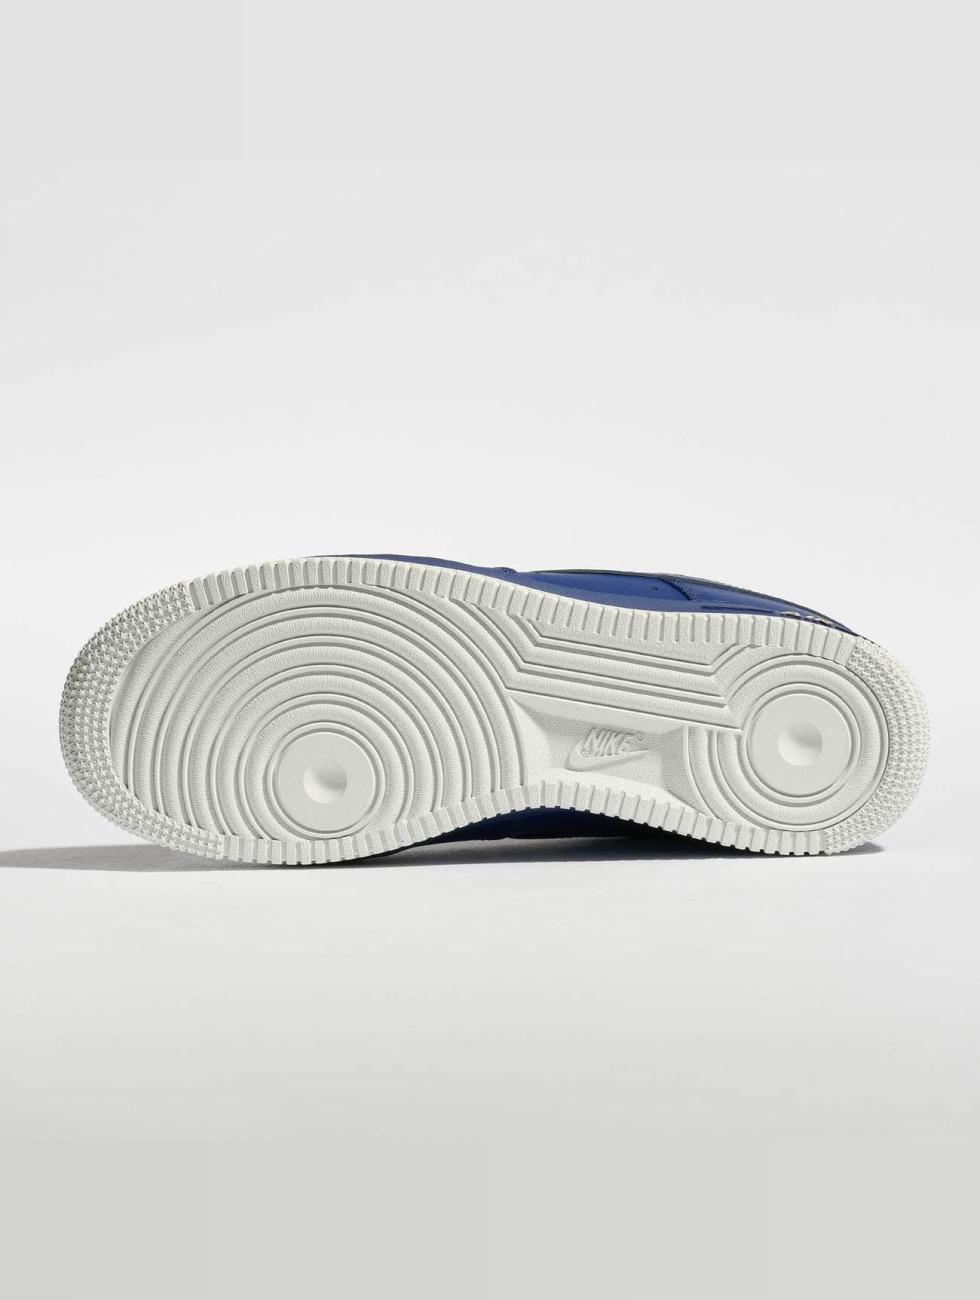 Nike Scarpa / Sneaker Air Force 1 '07 In Blu 444.986 3vb2lV3m